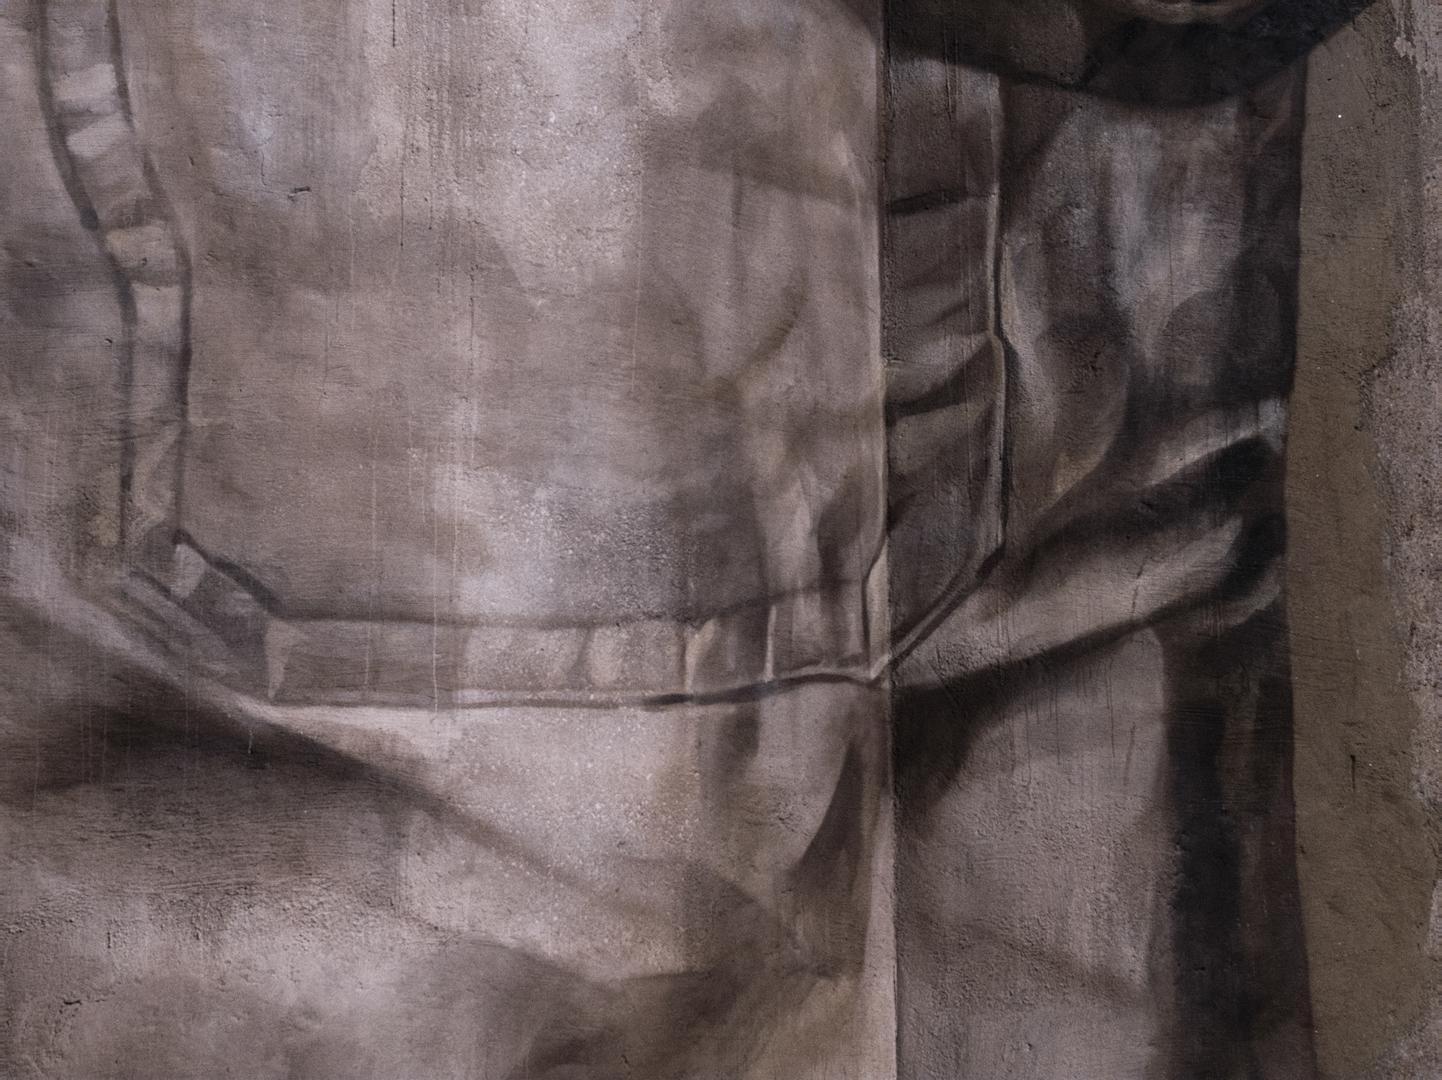 Guido van Helten in Nashville, USA Artes & contextos 6 3